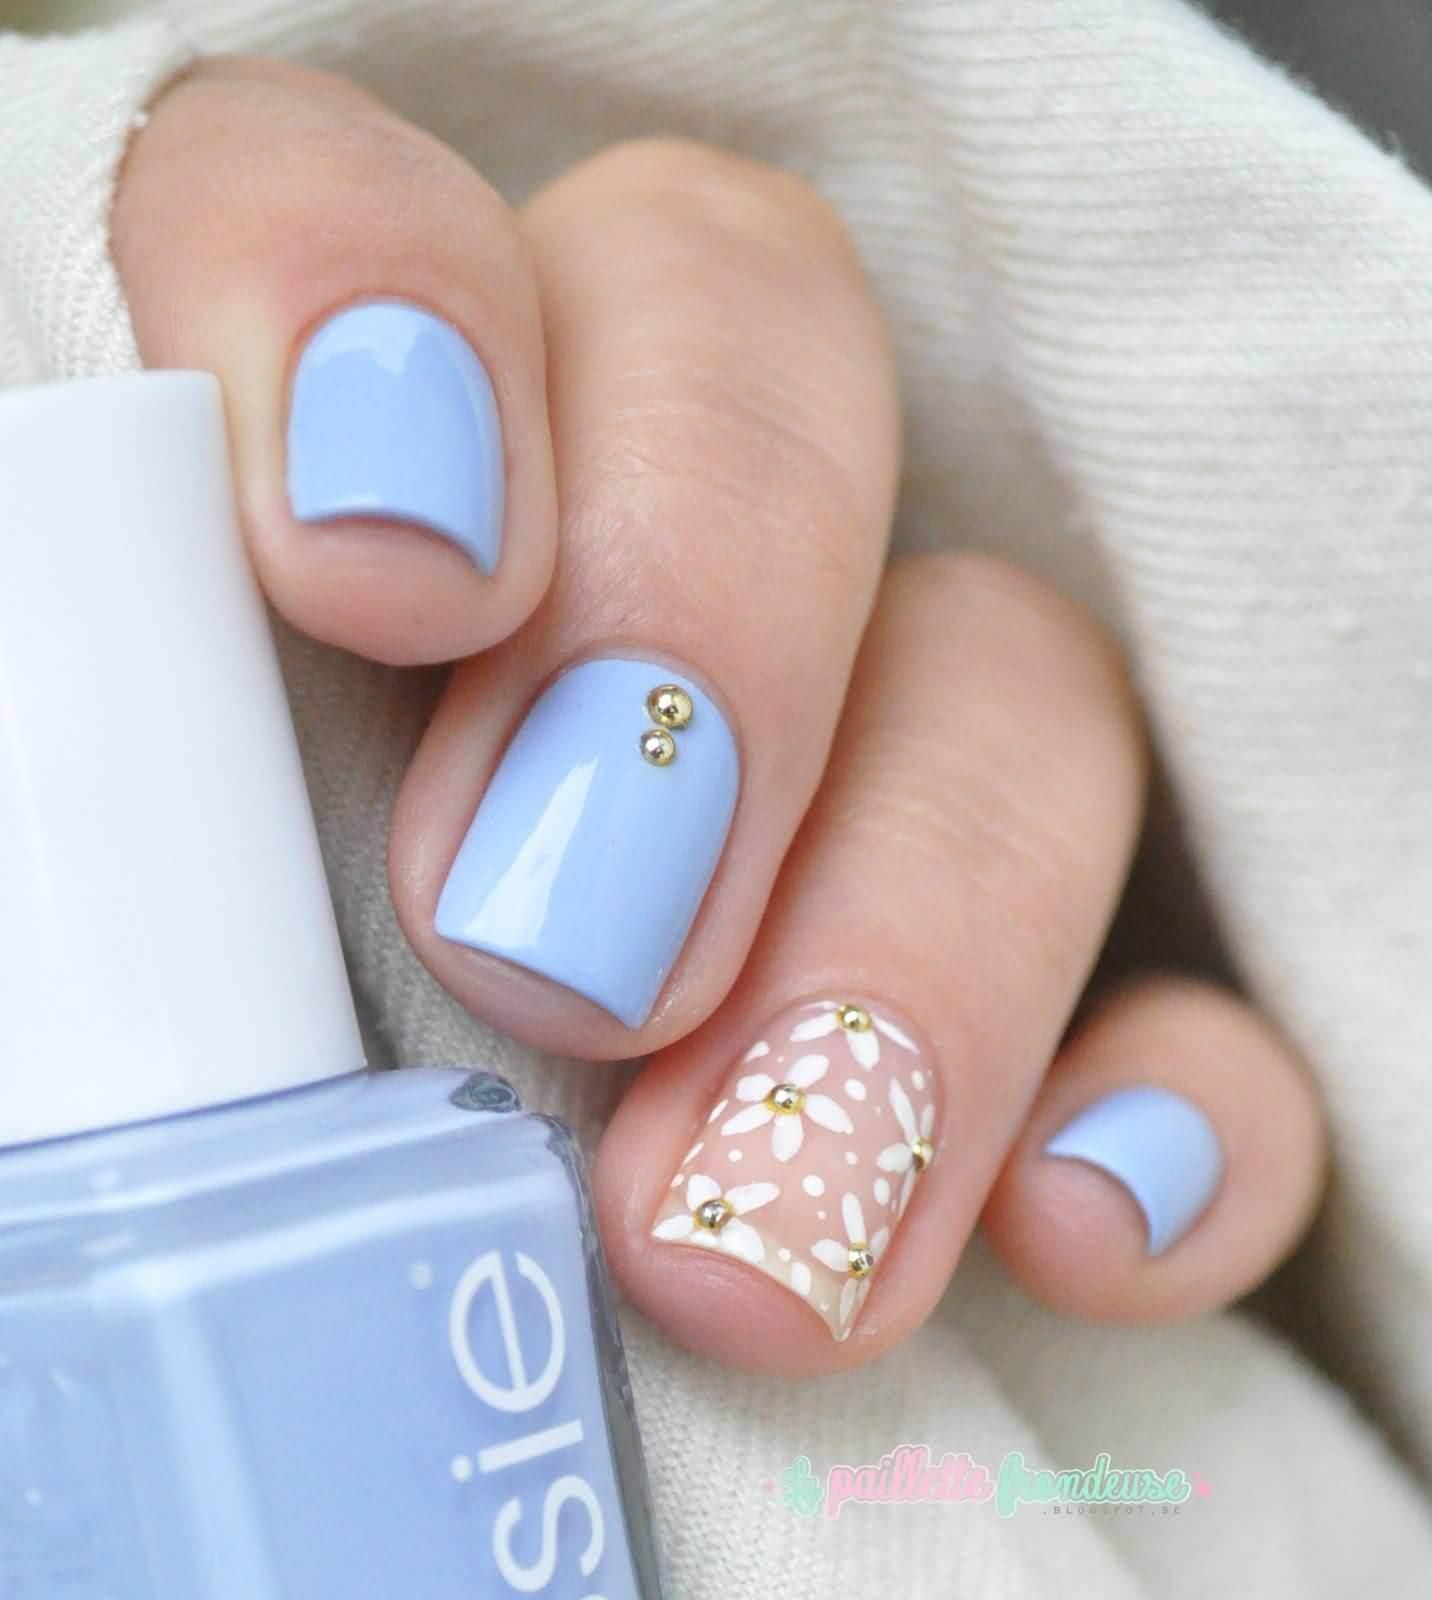 uñas celeste con flores blancas